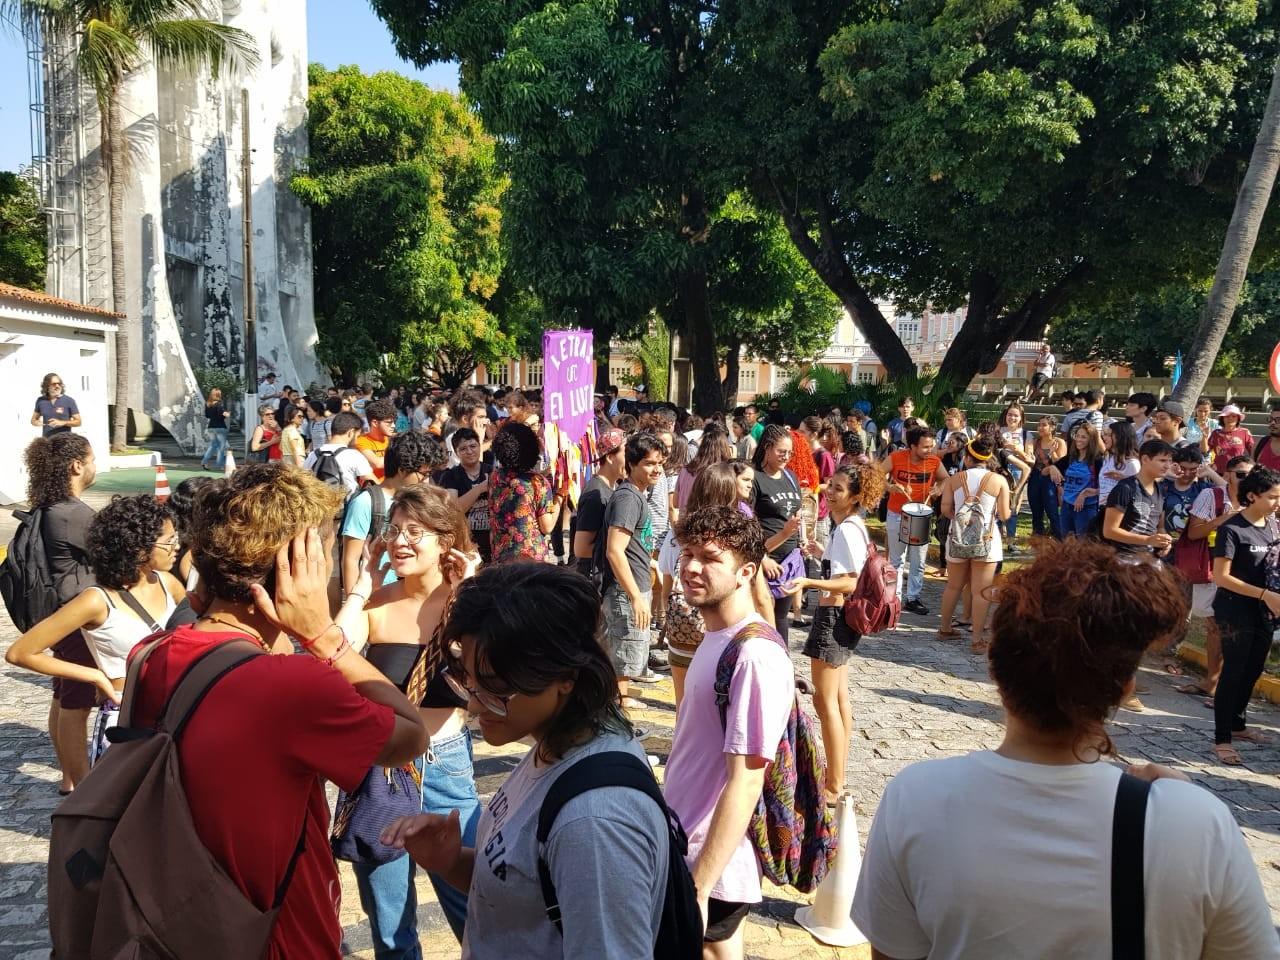 Estudantes bloqueiam acessos da Reitoria da UFC em protesto contra reitor nomeado por Bolsonaro - Notícias - Plantão Diário